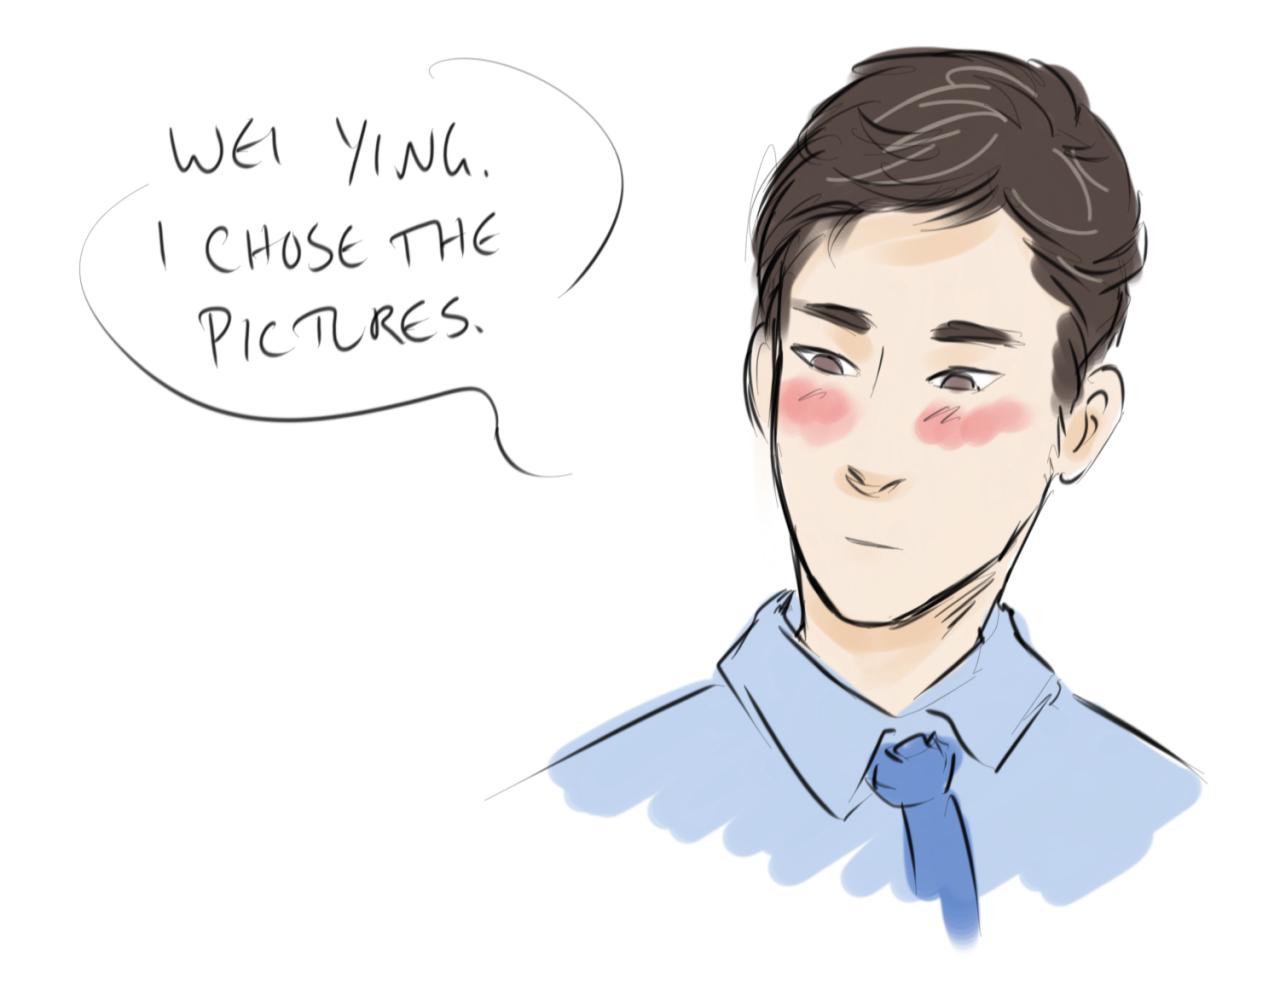 Lan Wangji telling Wei Wuxian he chose the pictures